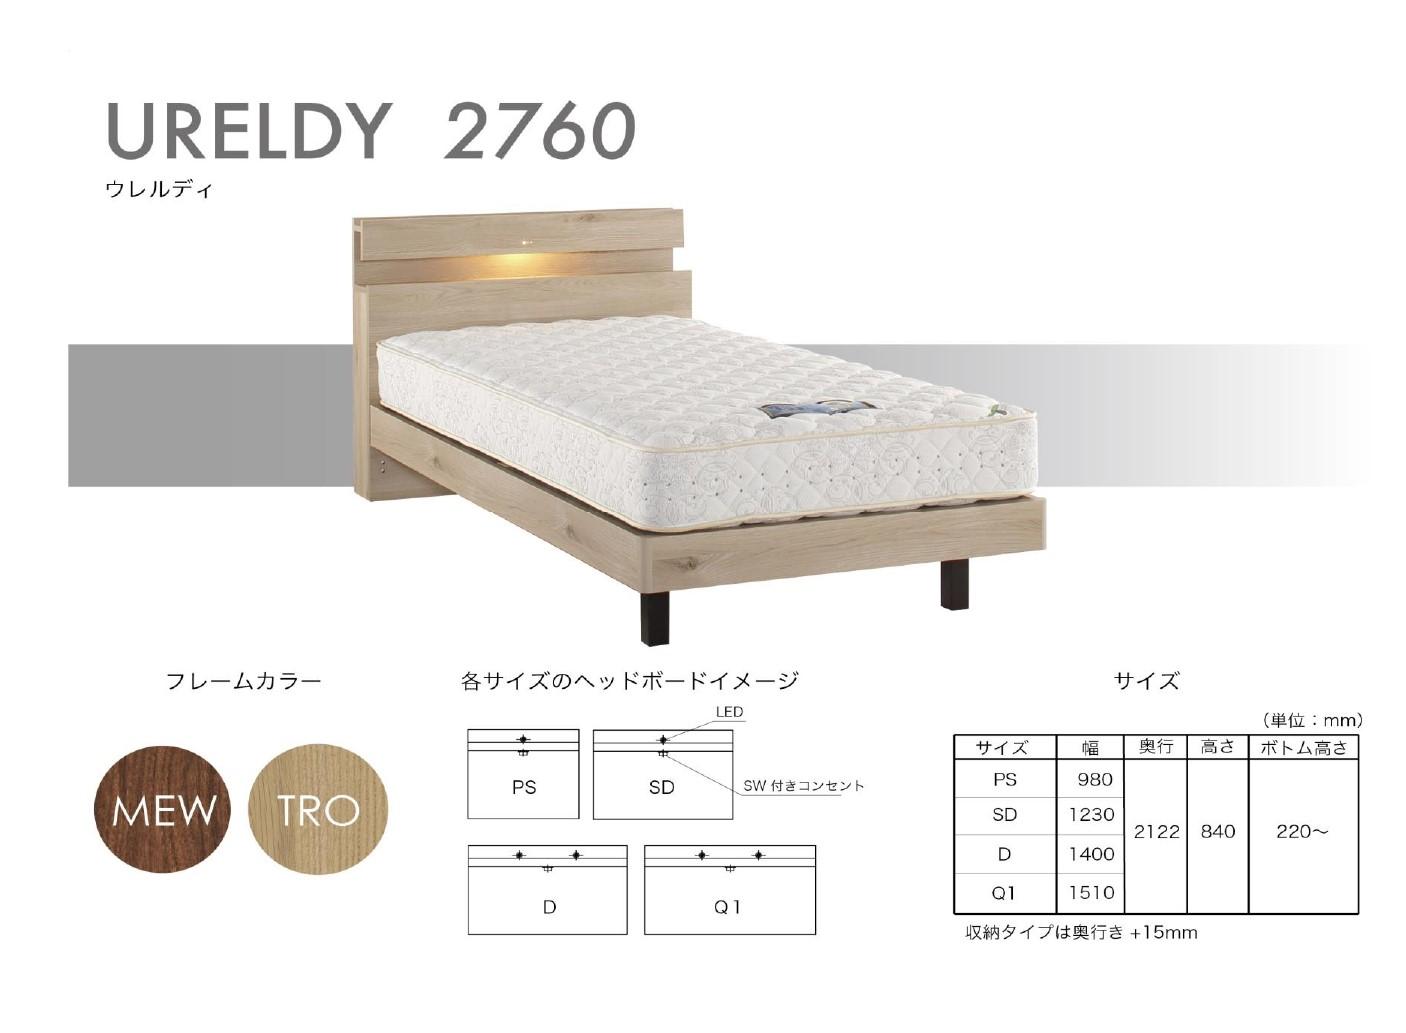 ウレルディ2760